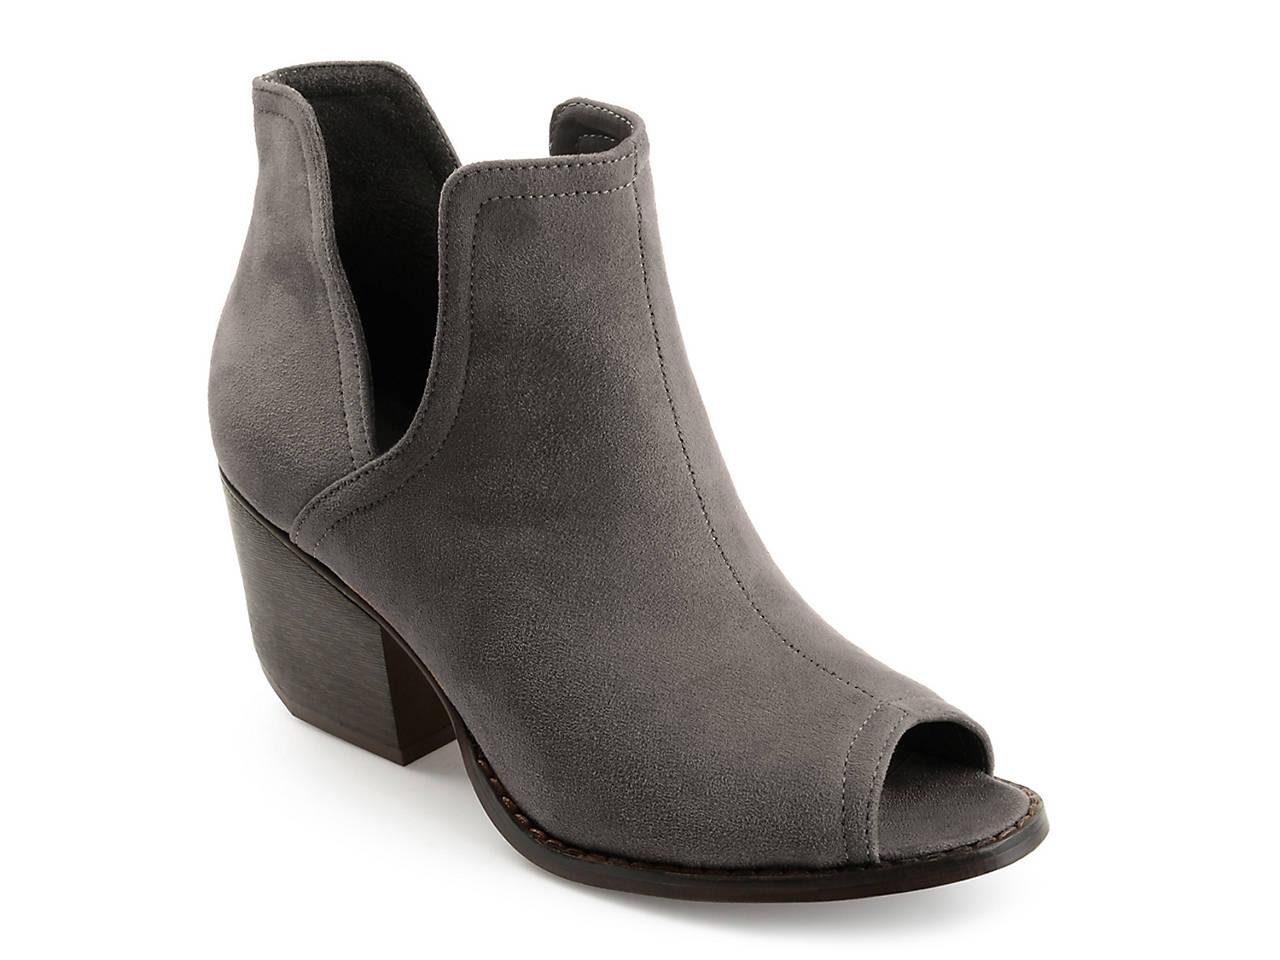 a30f8b8558d6 Journee Collection Jordyn Bootie Women s Shoes